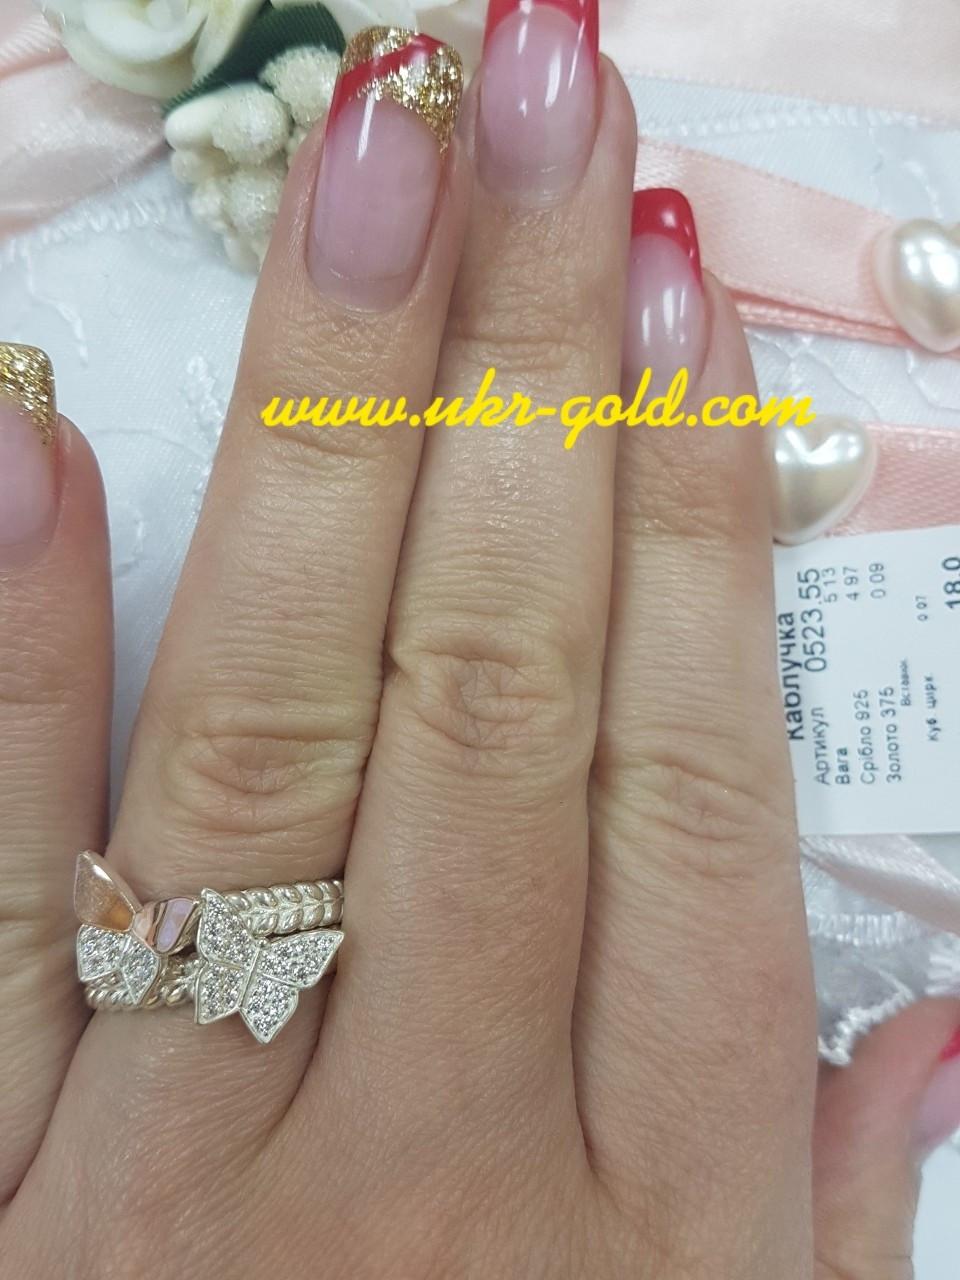 Серебряное кольцо 925 пробы со вставками золота 375 пробы.